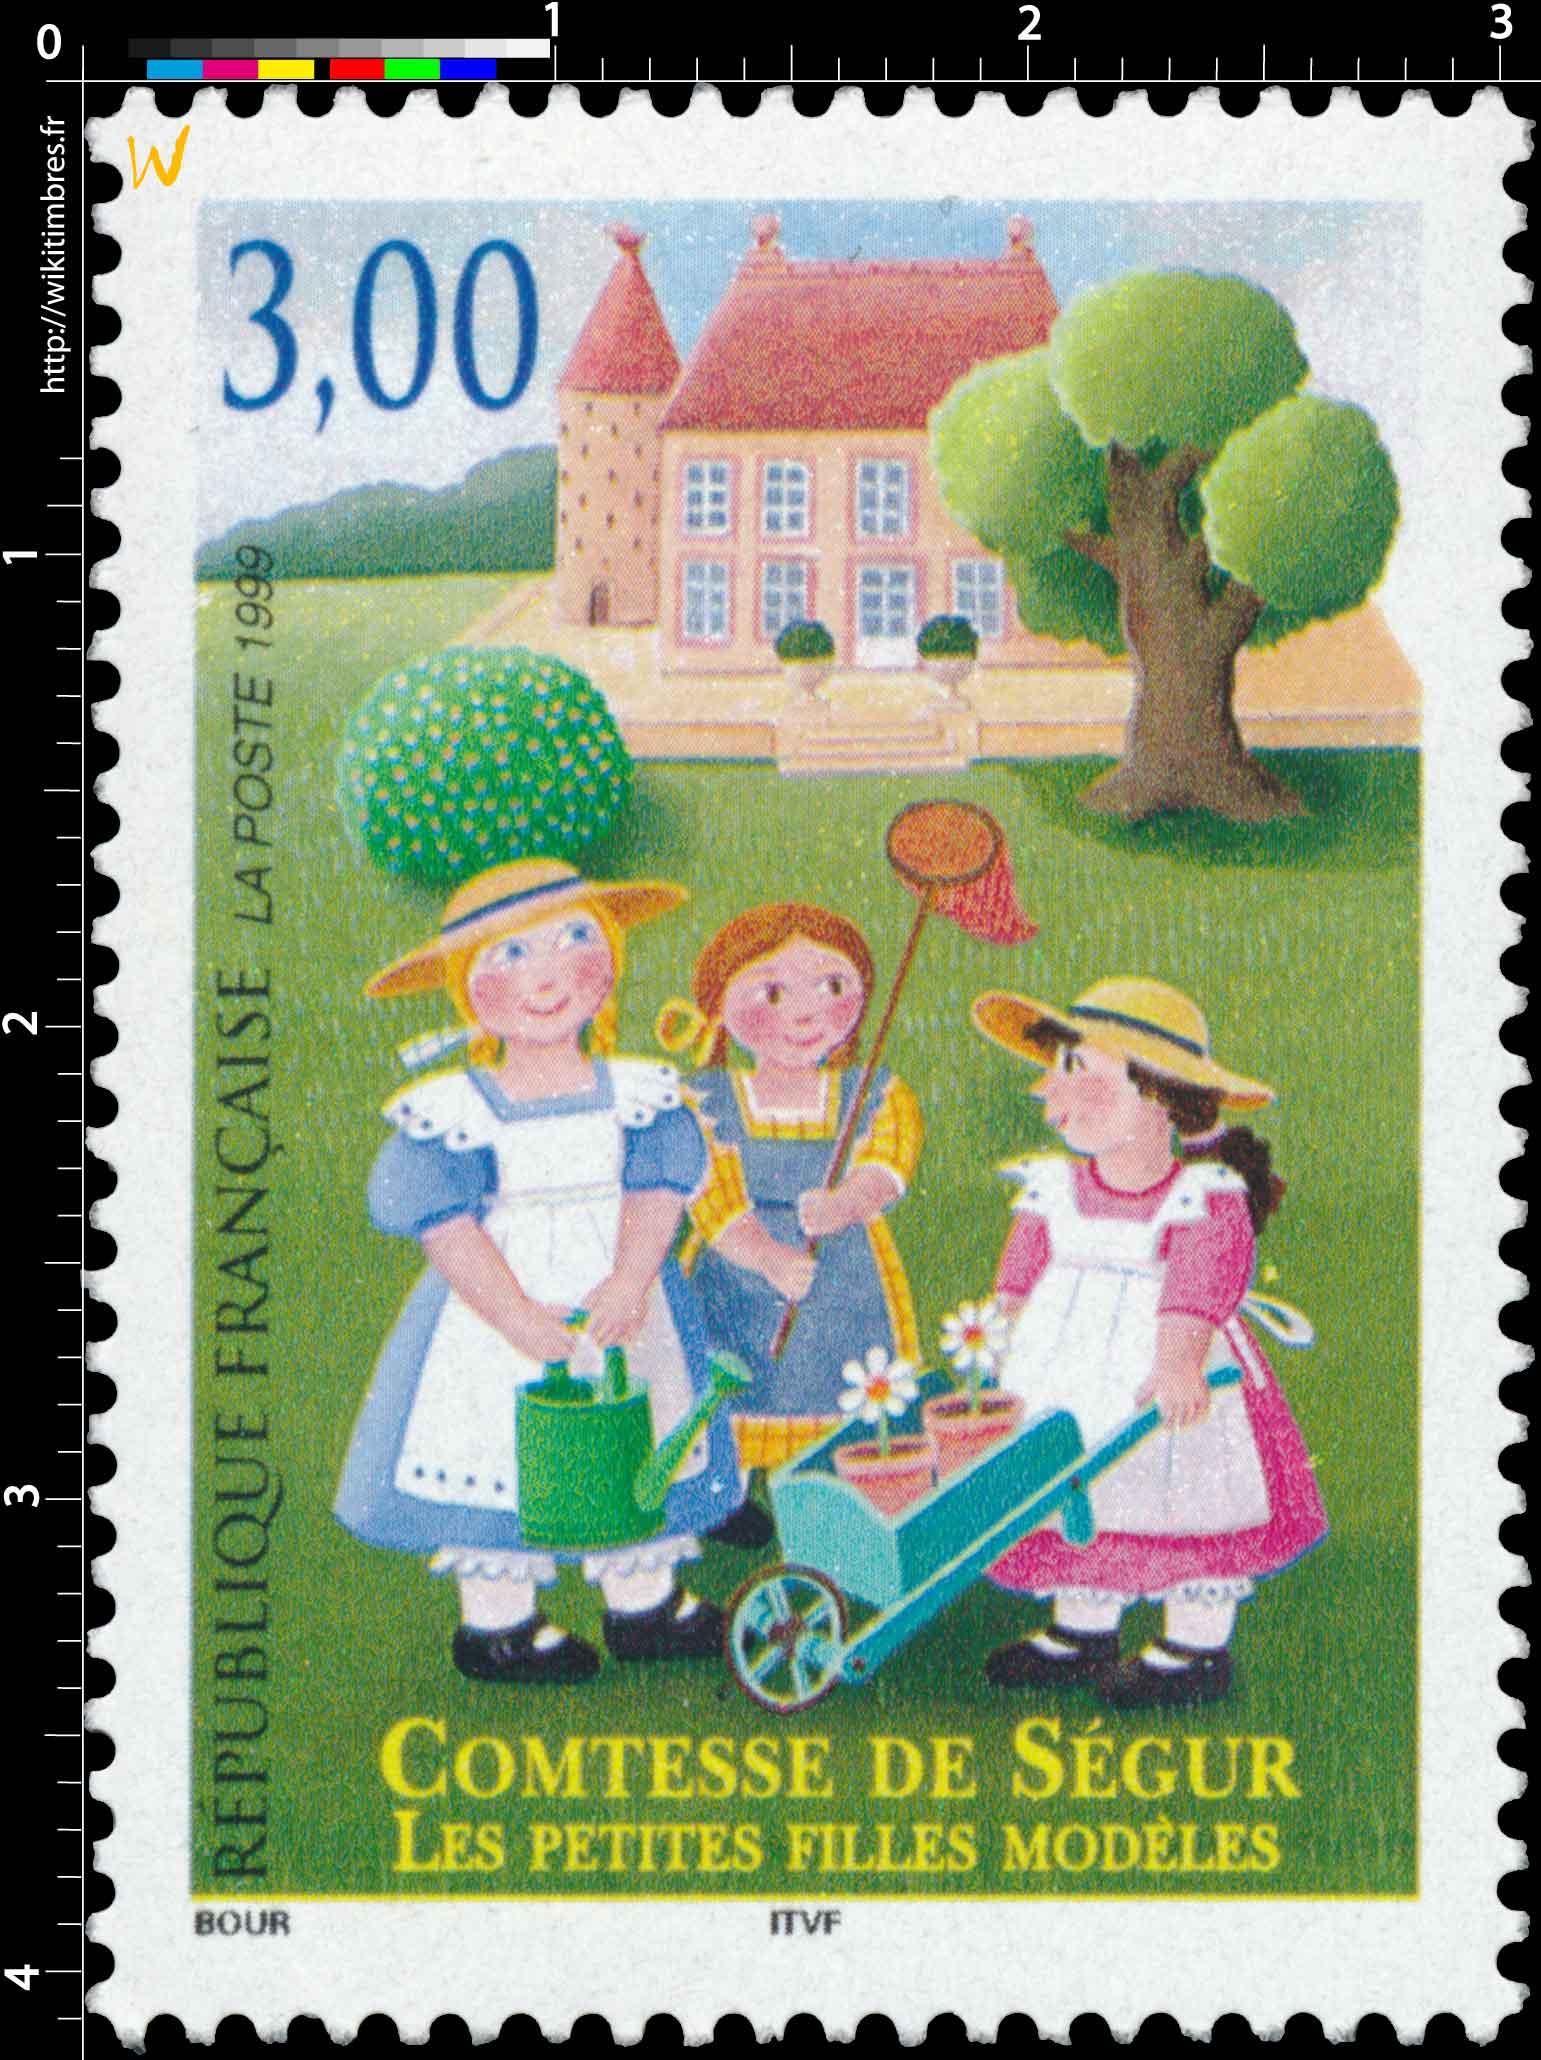 1999 COMTESSE DE SÉGUR LES PETITES FILLES MODÈLES